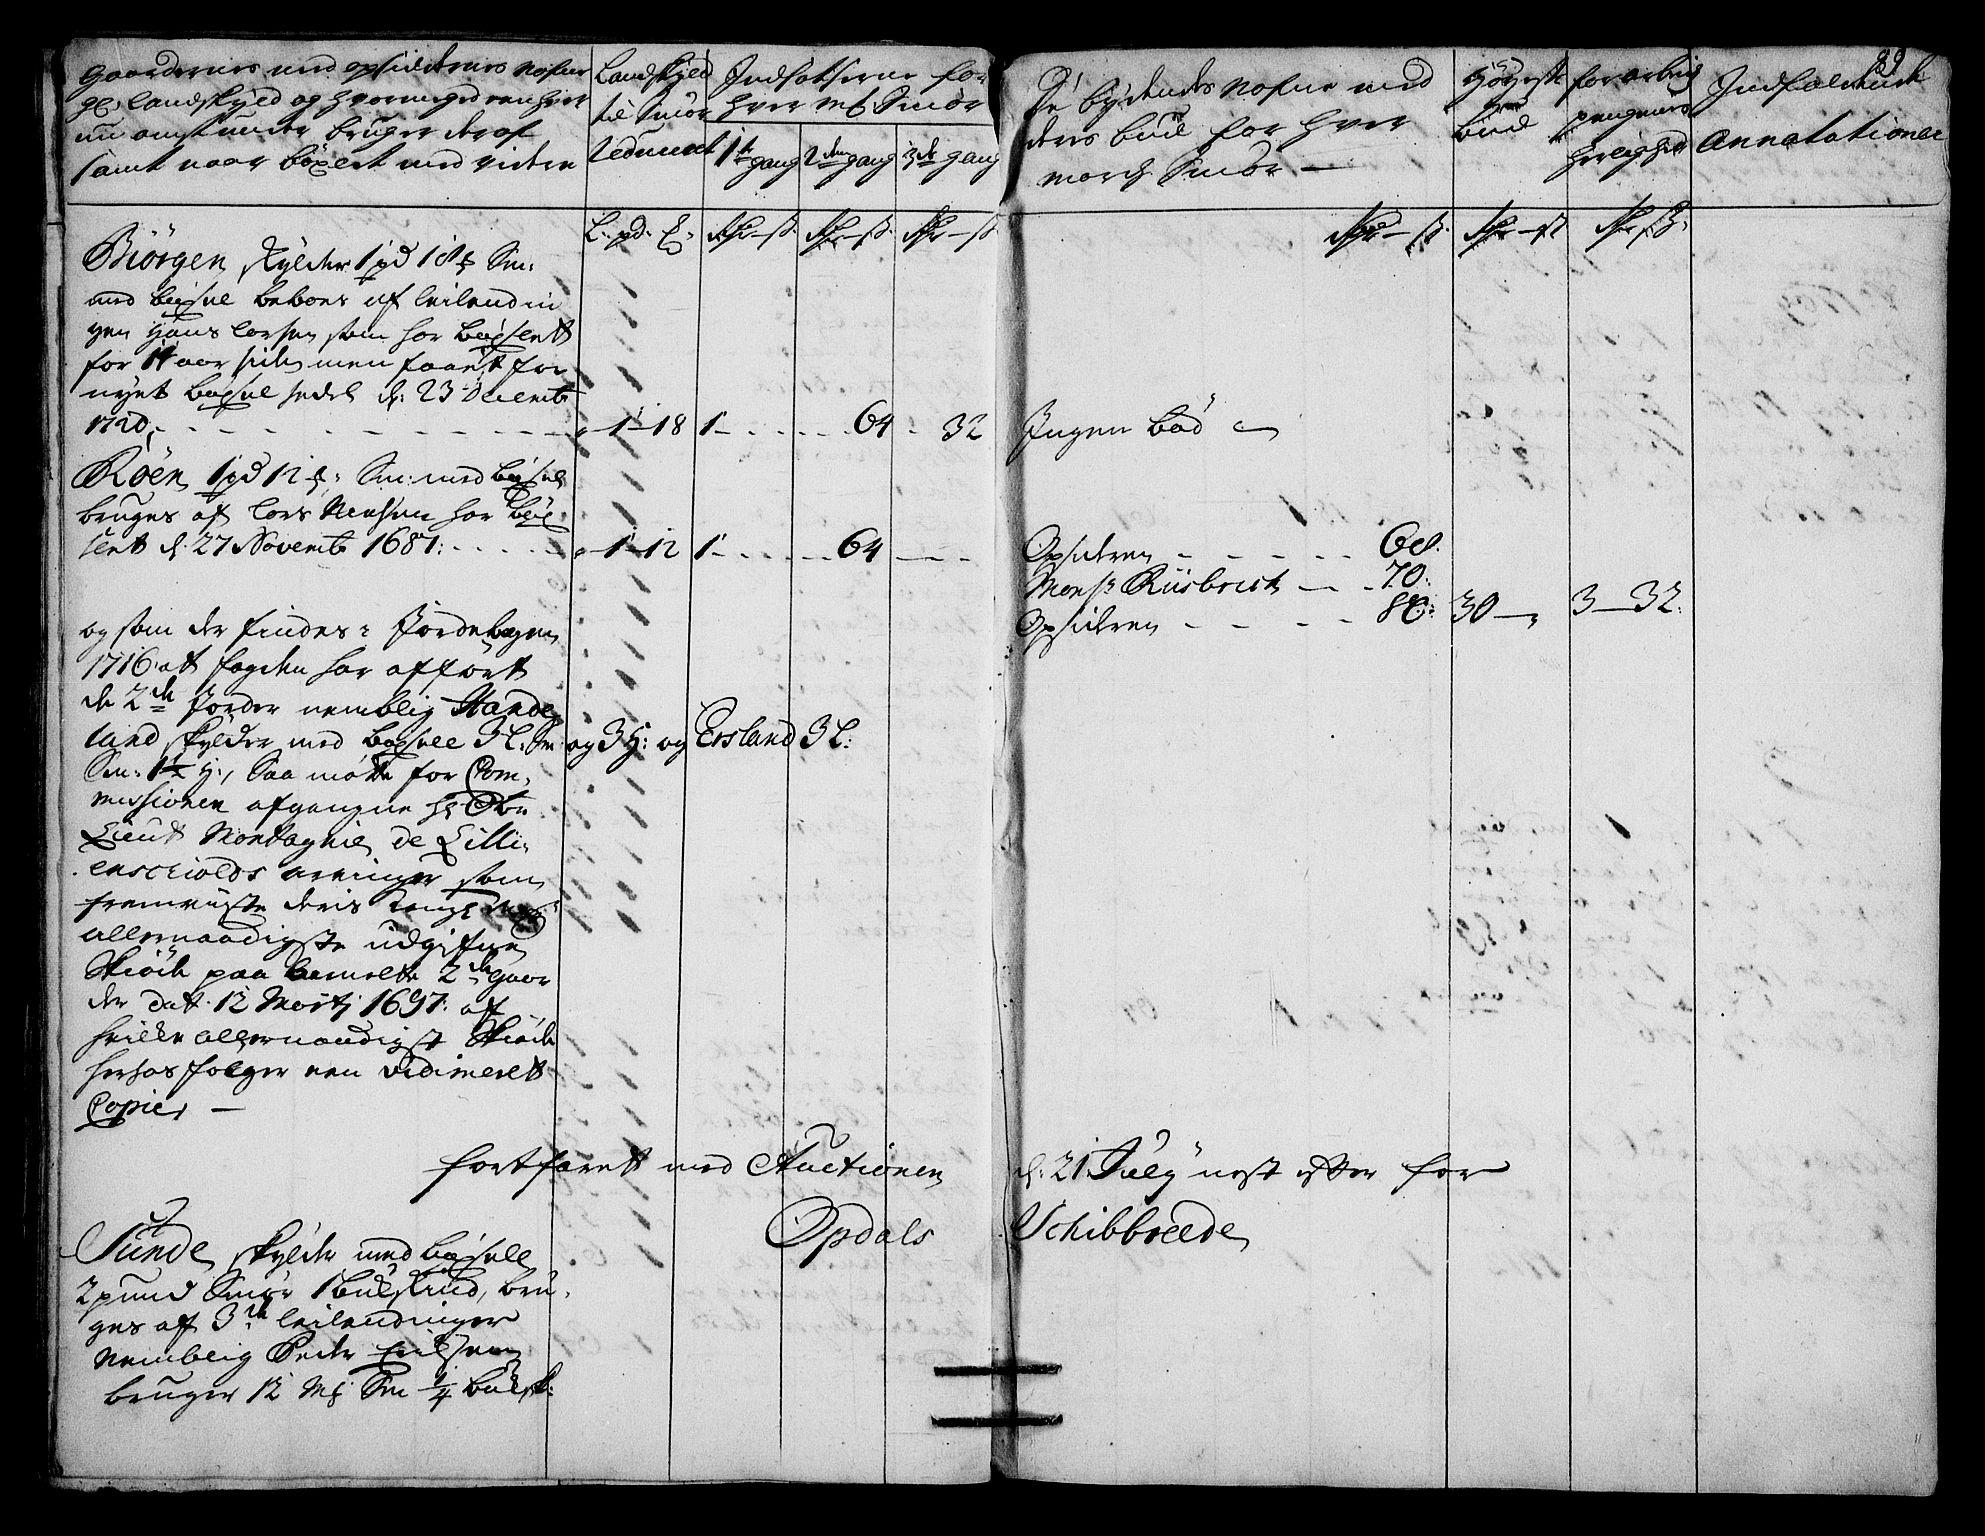 RA, Rentekammeret inntil 1814, Realistisk ordnet avdeling, On/L0003: [Jj 4]: Kommisjonsforretning over Vilhelm Hanssøns forpaktning av Halsnøy klosters gods, 1721-1729, s. 417